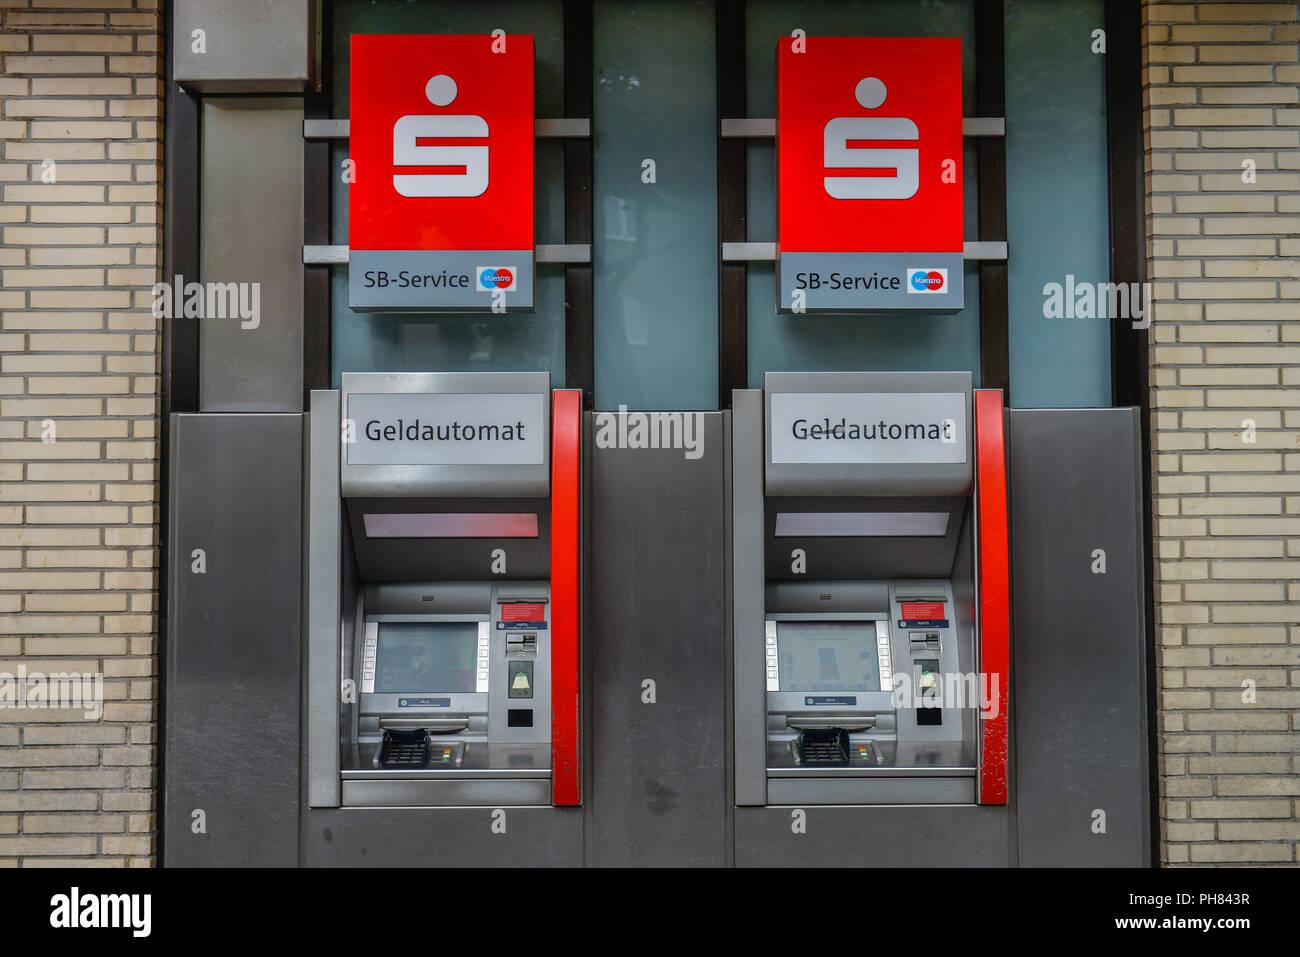 geldautomat sparkasse stuttgart lernen sie wie sie mit binären optionen geld verdienen